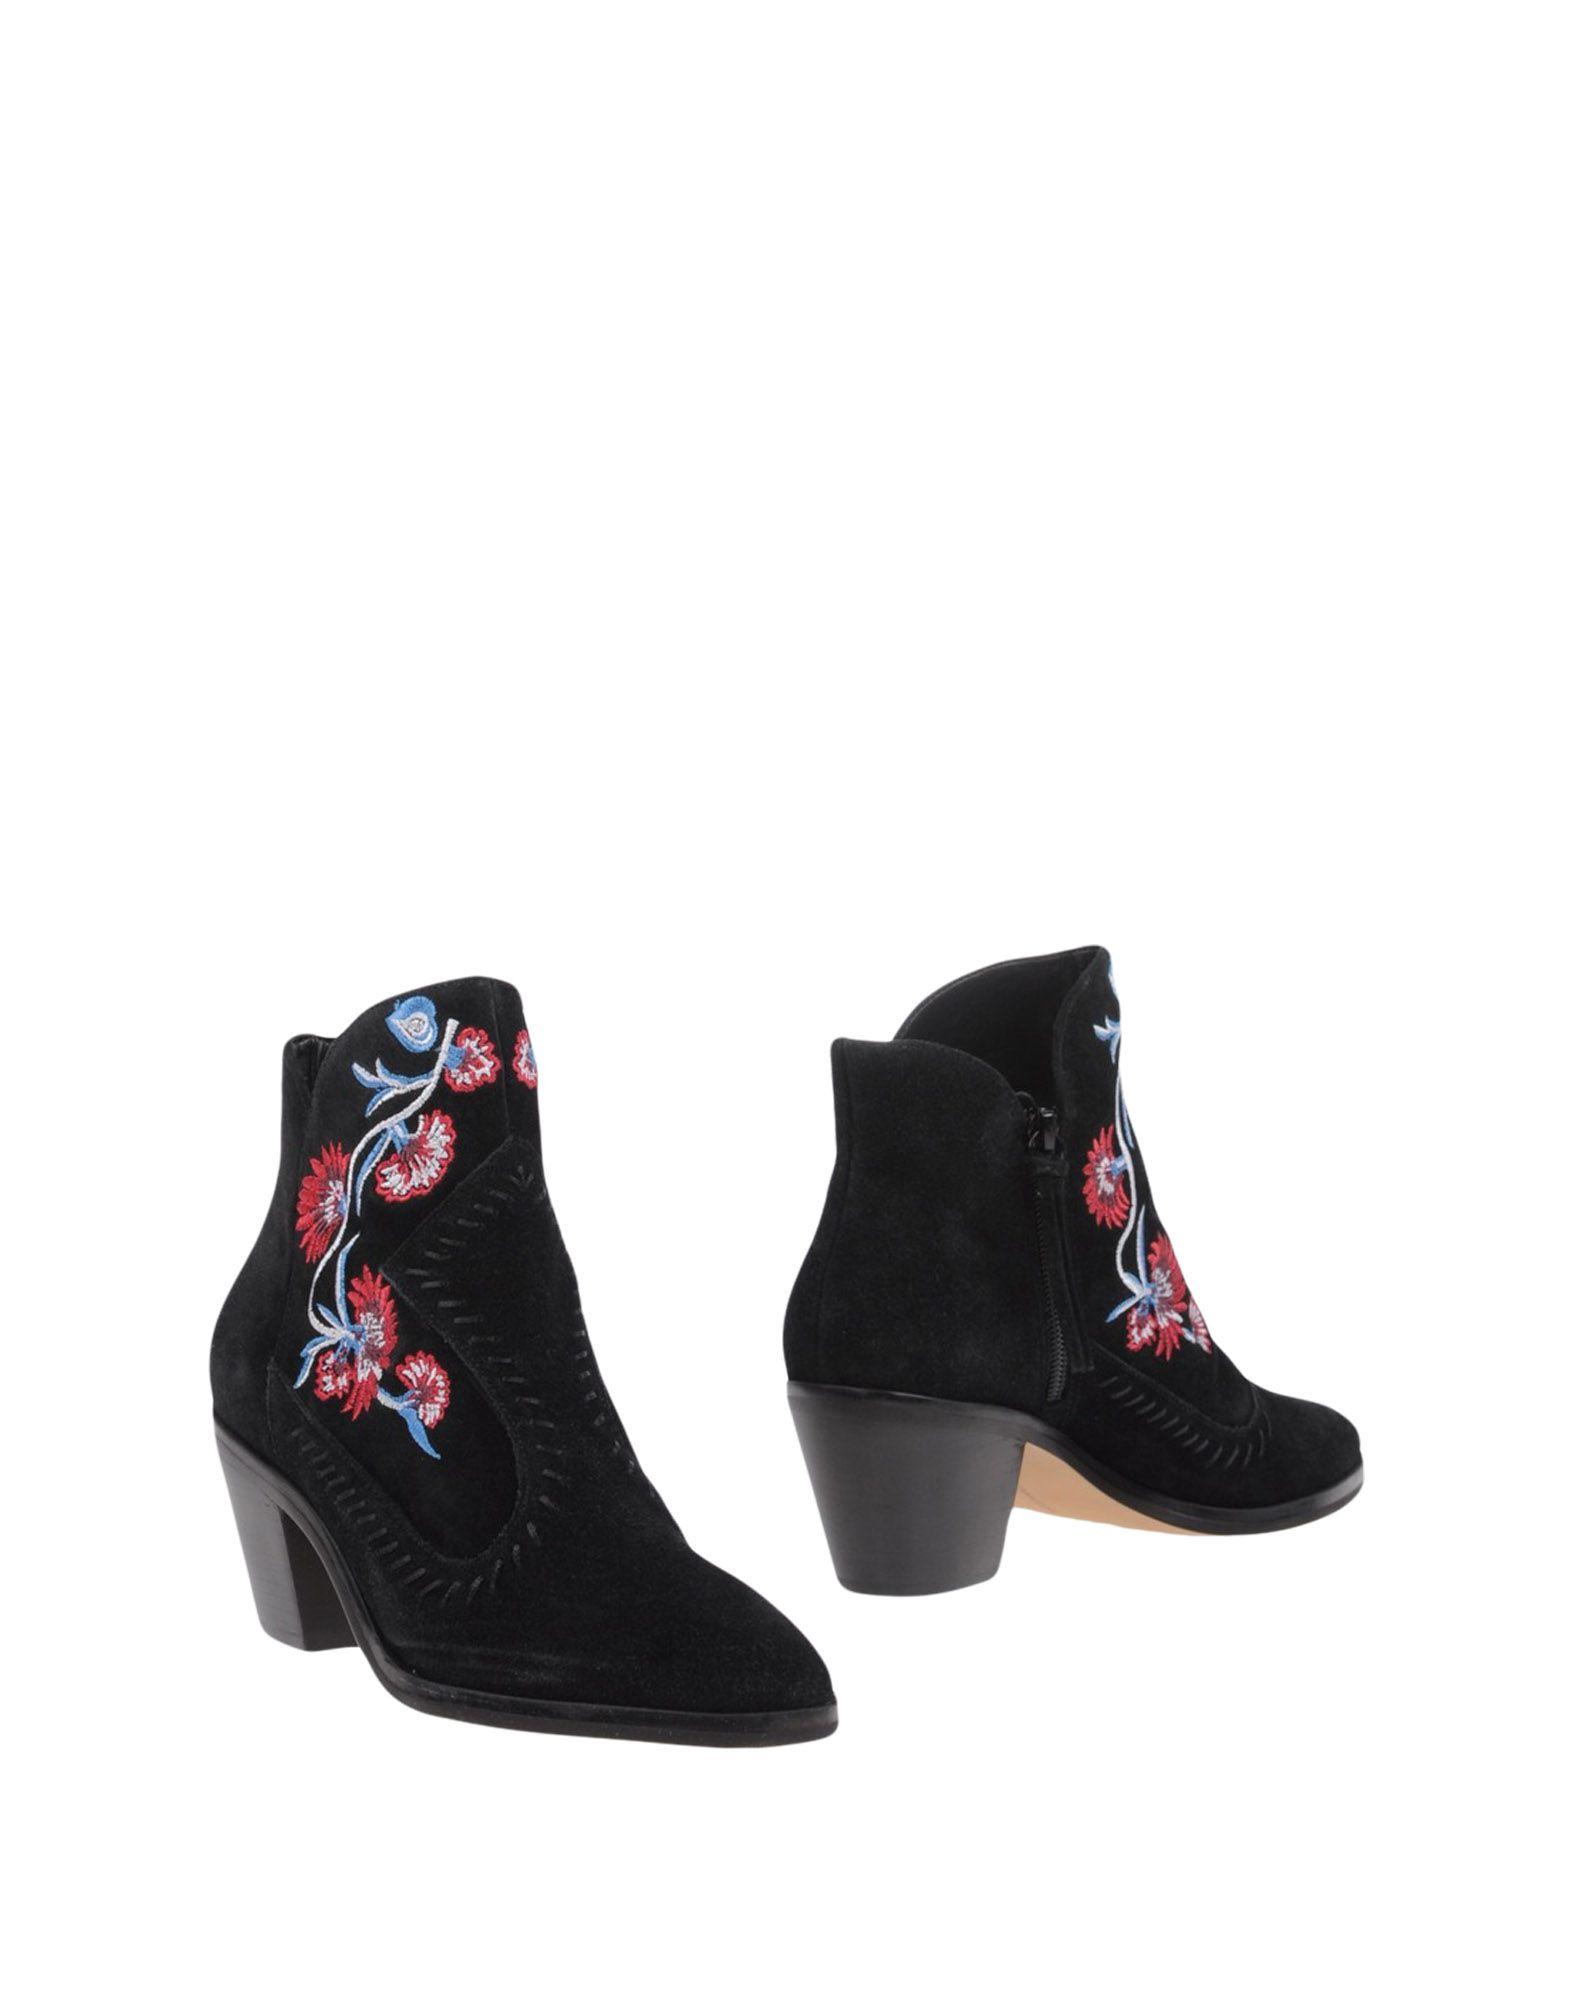 Stilvolle Stiefelette billige Schuhe Rebecca Minkoff Stiefelette Stilvolle Damen  11223558TT 1c696c